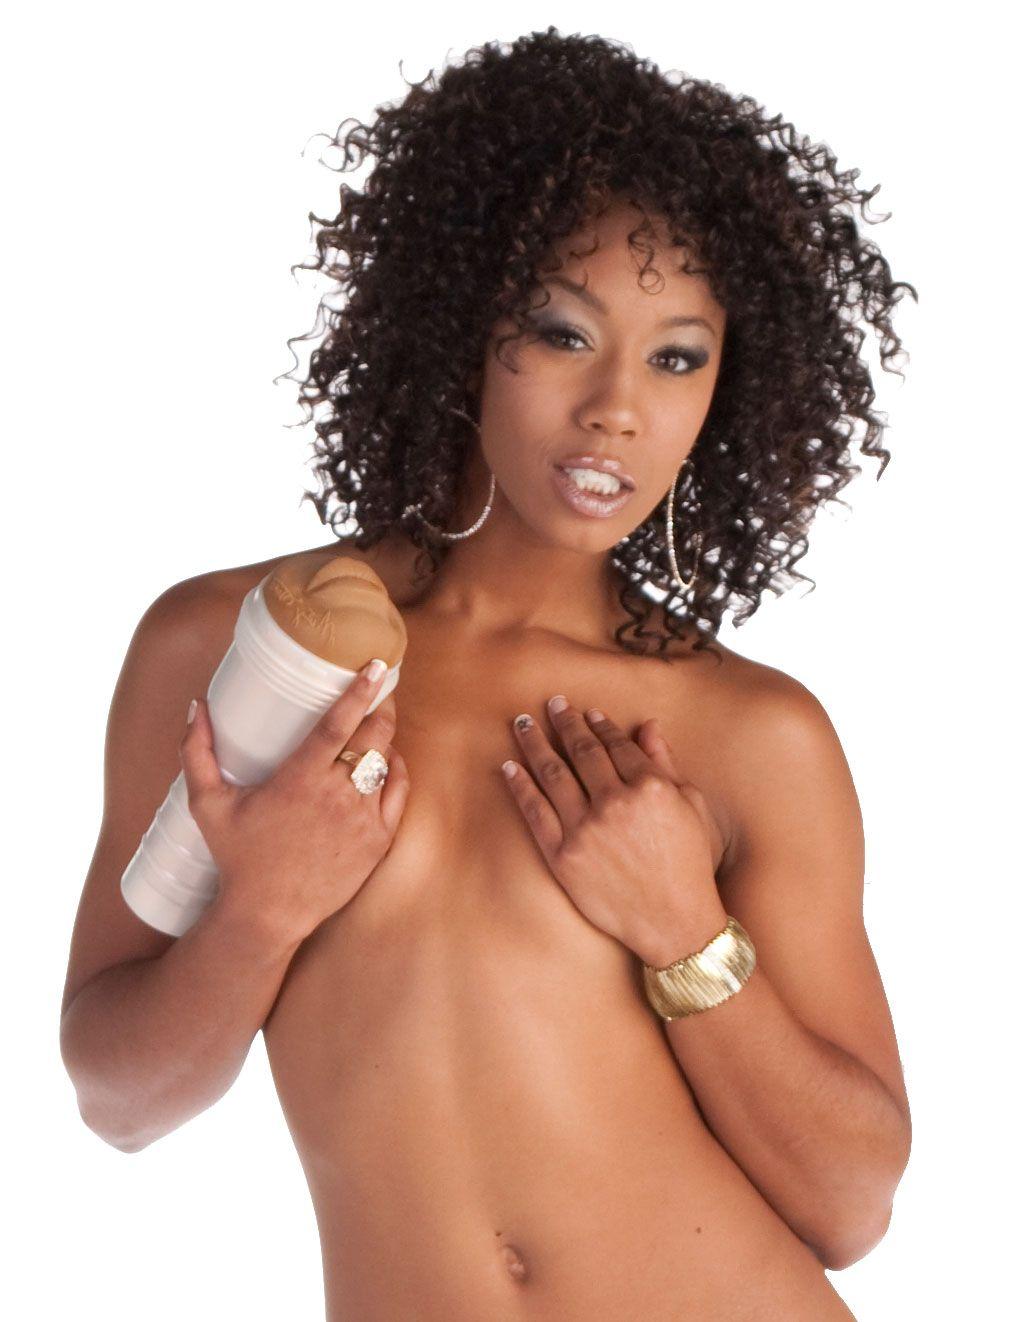 Nagaland sexxe fotos erotic gallery